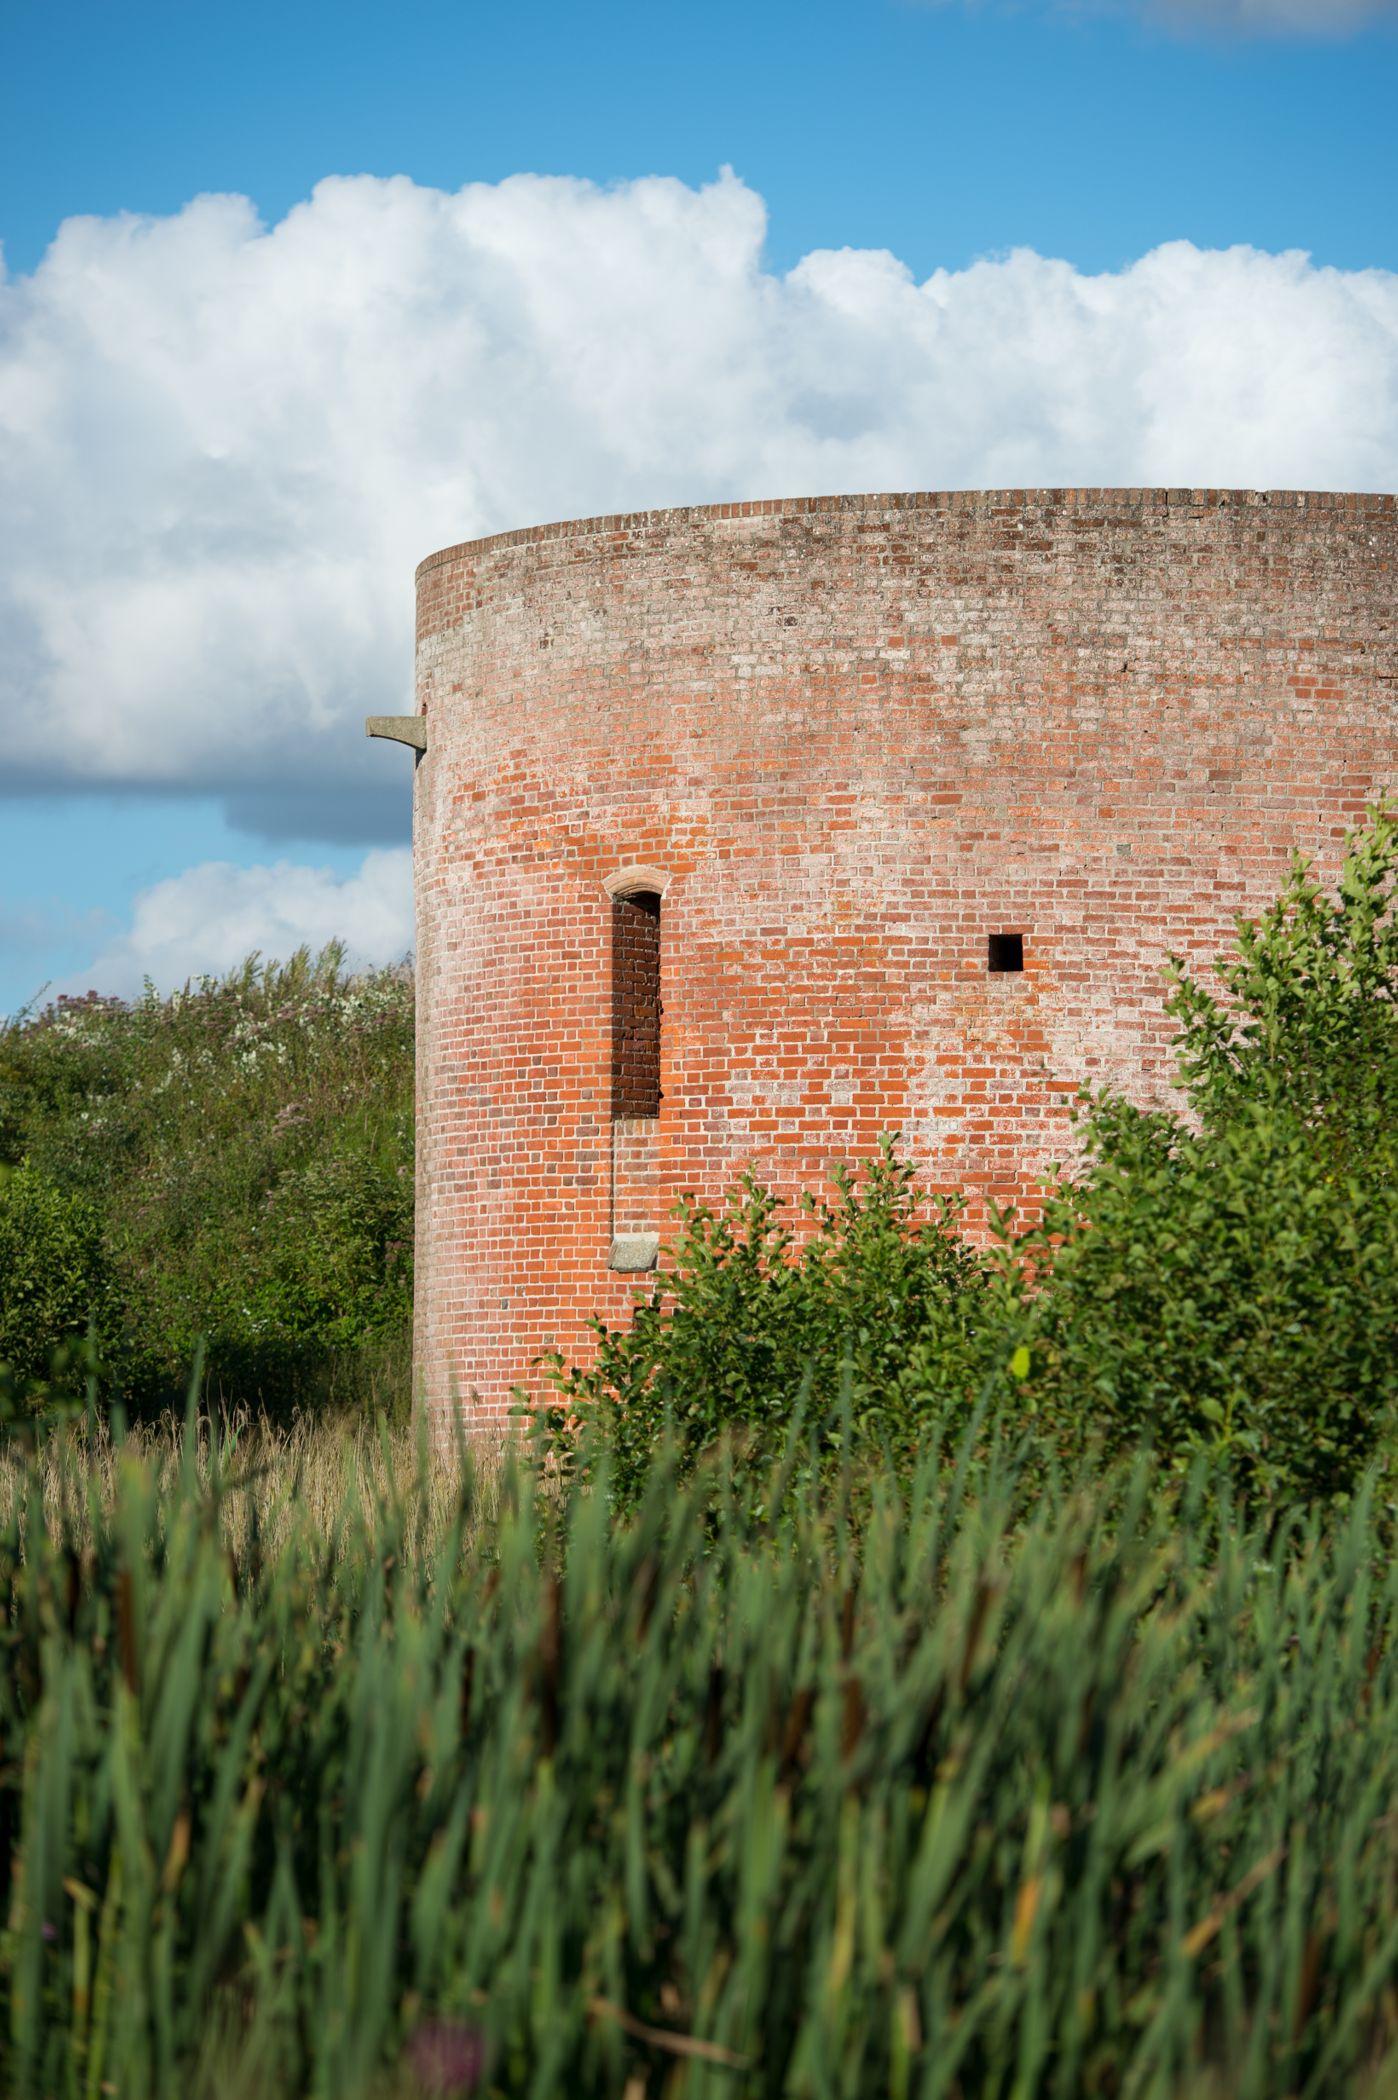 Maagaardphotos-5540 - Hald Ruin.jpg